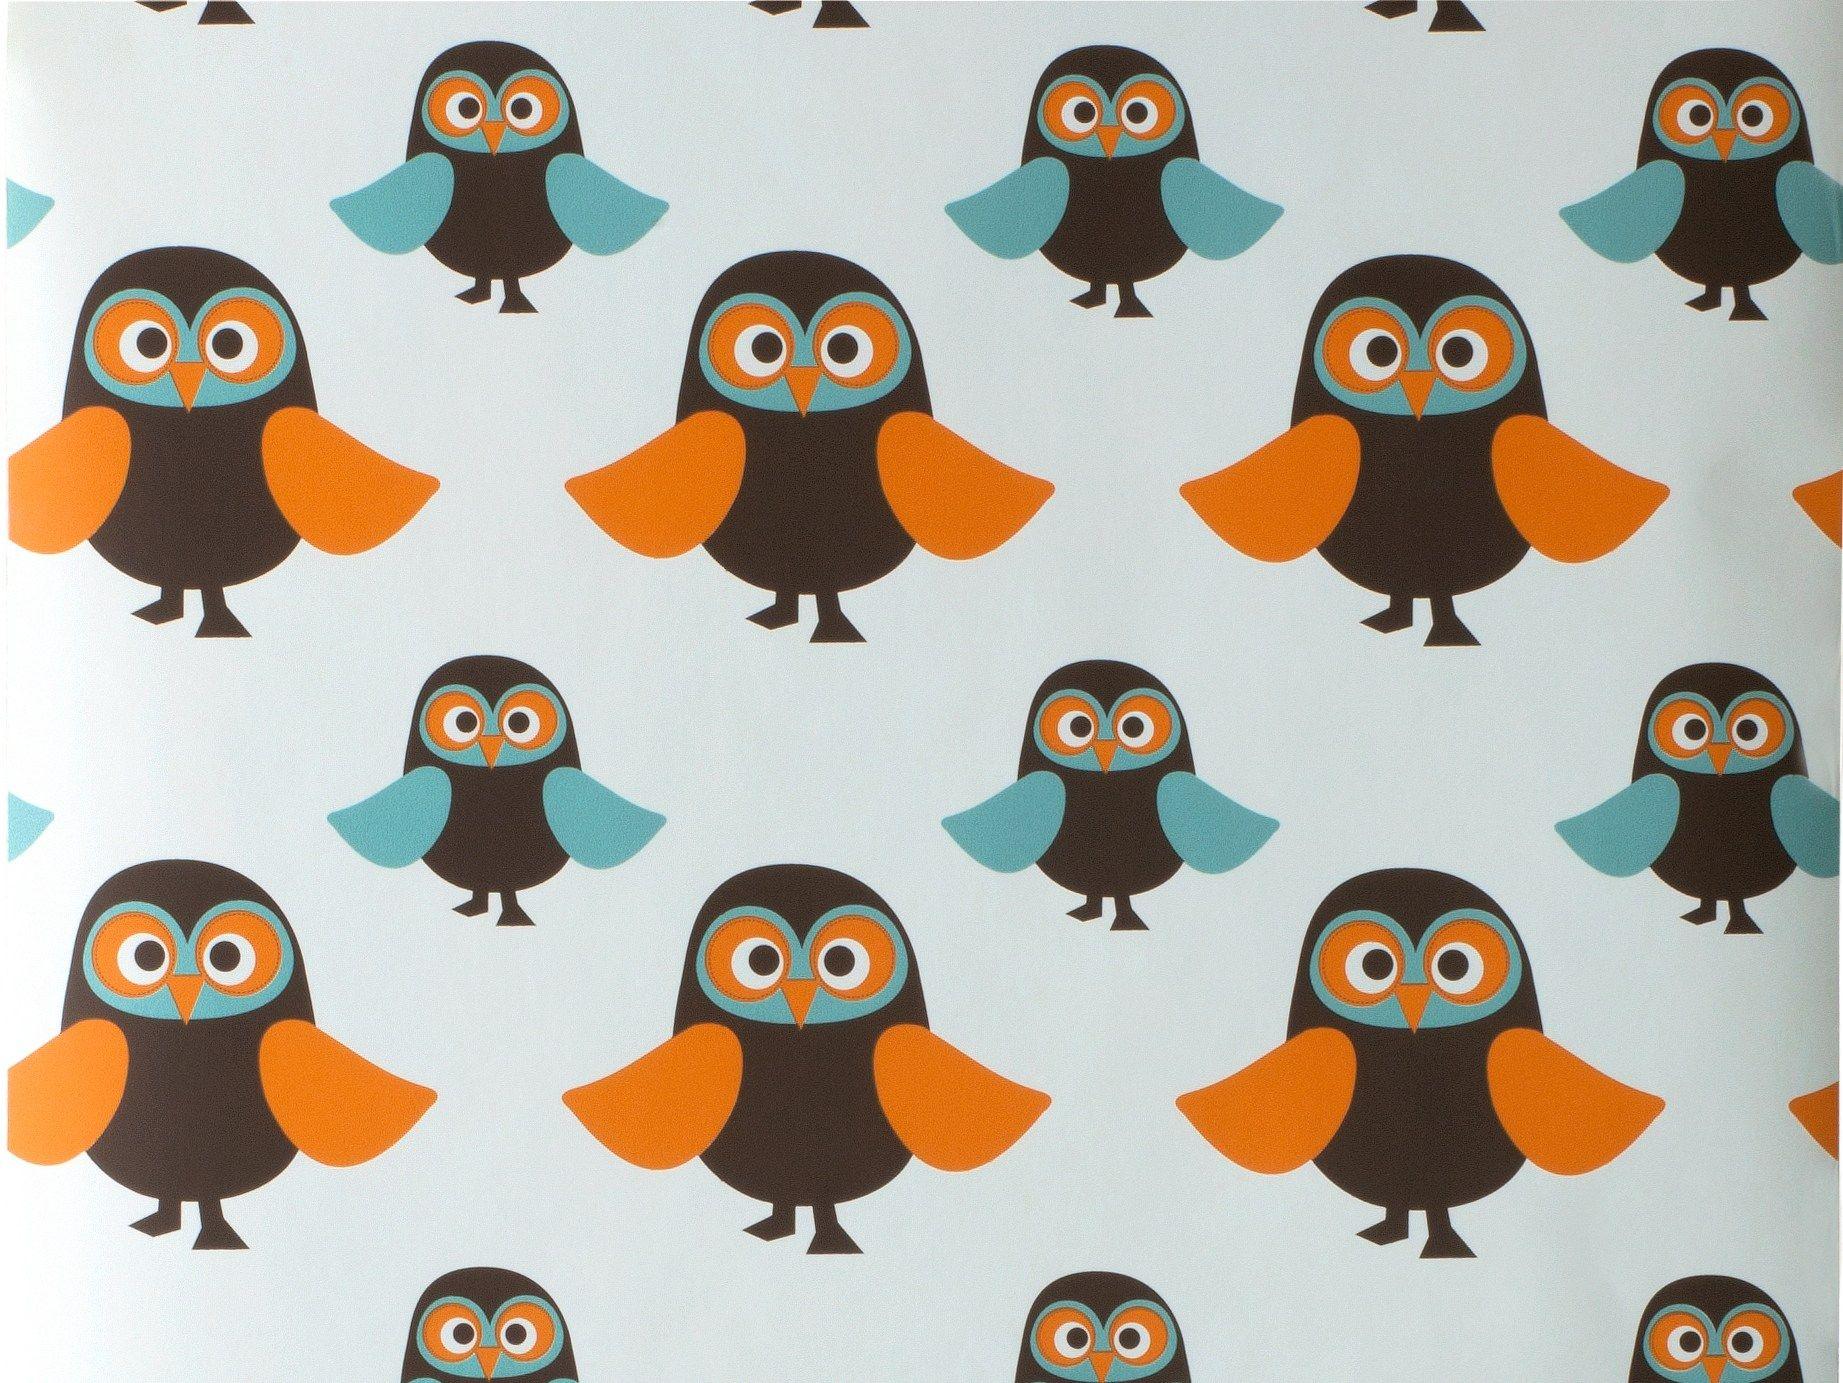 Sfondi Bambini ~ Carta da parati a motivi per bambini owls carta da parati